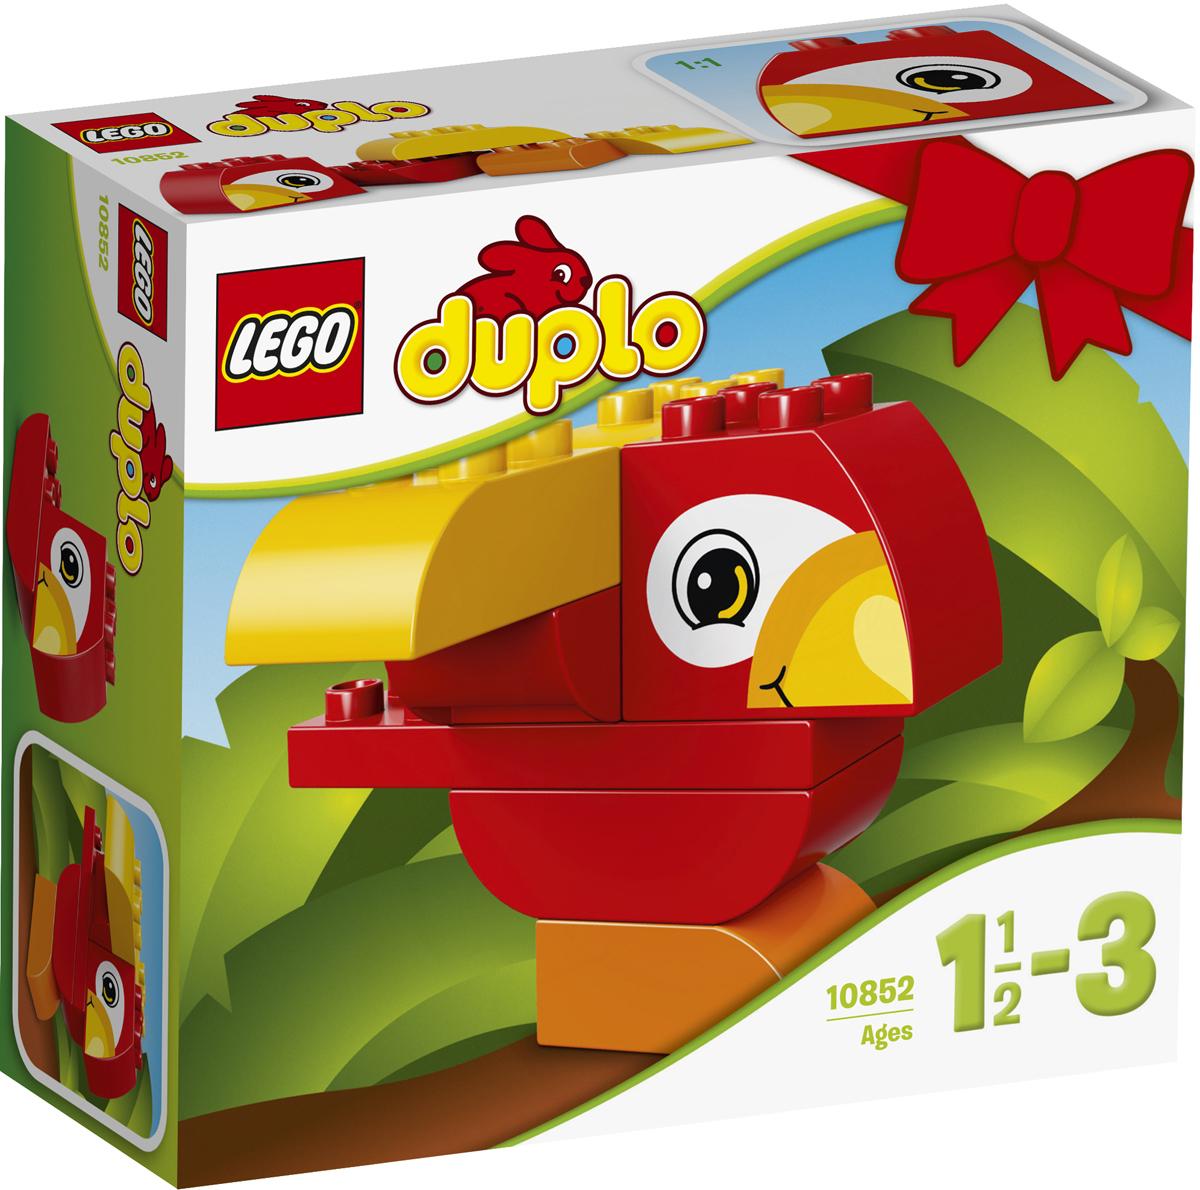 LEGO DUPLO Конструктор Моя первая птичка 1085210852Вашему малышу понравится летать с этим милым попугаем LEGO DUPLO! Легкий в сборке набор помогает на раннем этапе развивать в игровой форме навыки конструирования и мелкую моторику. Дайте толчок воображению малыша: по-разному комбинируйте кубики, чтобы собрать самых разных птиц. Крупные кубики LEGO DUPLO специально сконструированы так, чтобы они были безопасны и удобны для маленьких ручек. Набор включает в себя 7 разноцветных пластиковых элементов. Конструктор станет замечательным сюрпризом вашему ребенку, который будет способствовать развитию мелкой моторики рук, внимательности, усидчивости и мышления. Играя с конструктором, ребенок научится собирать детали по образцу, проводить время с пользой и удовольствием.